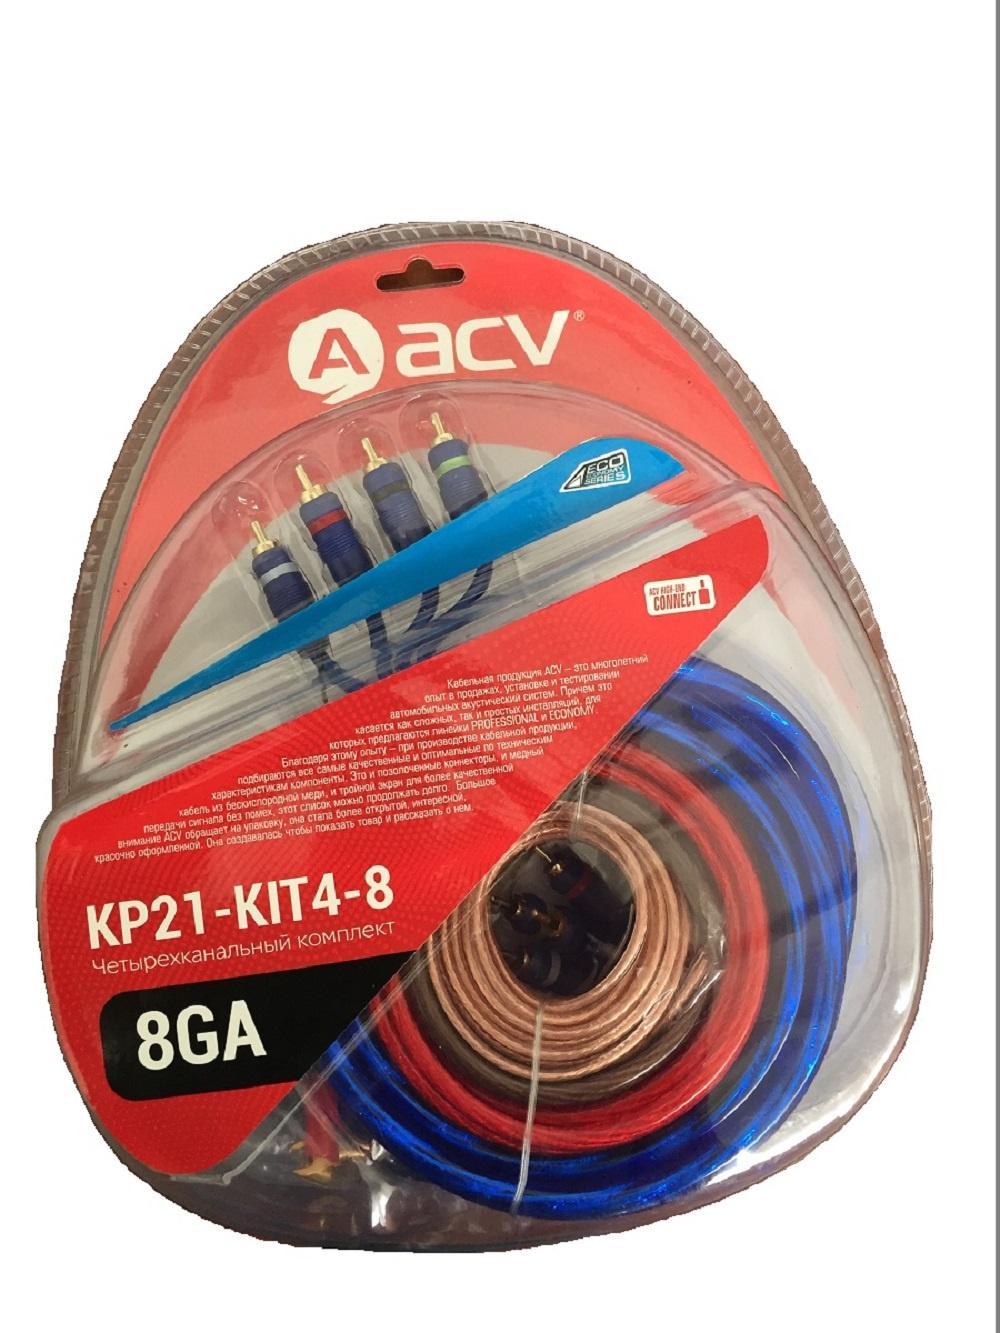 Фото - Кабель ACV Комплект проводов для подключения 4-х канального усилителя KP21-KIT4-8 кабель клеммы выключатели кабель для датчиков sawo inn wreg10 10 метров